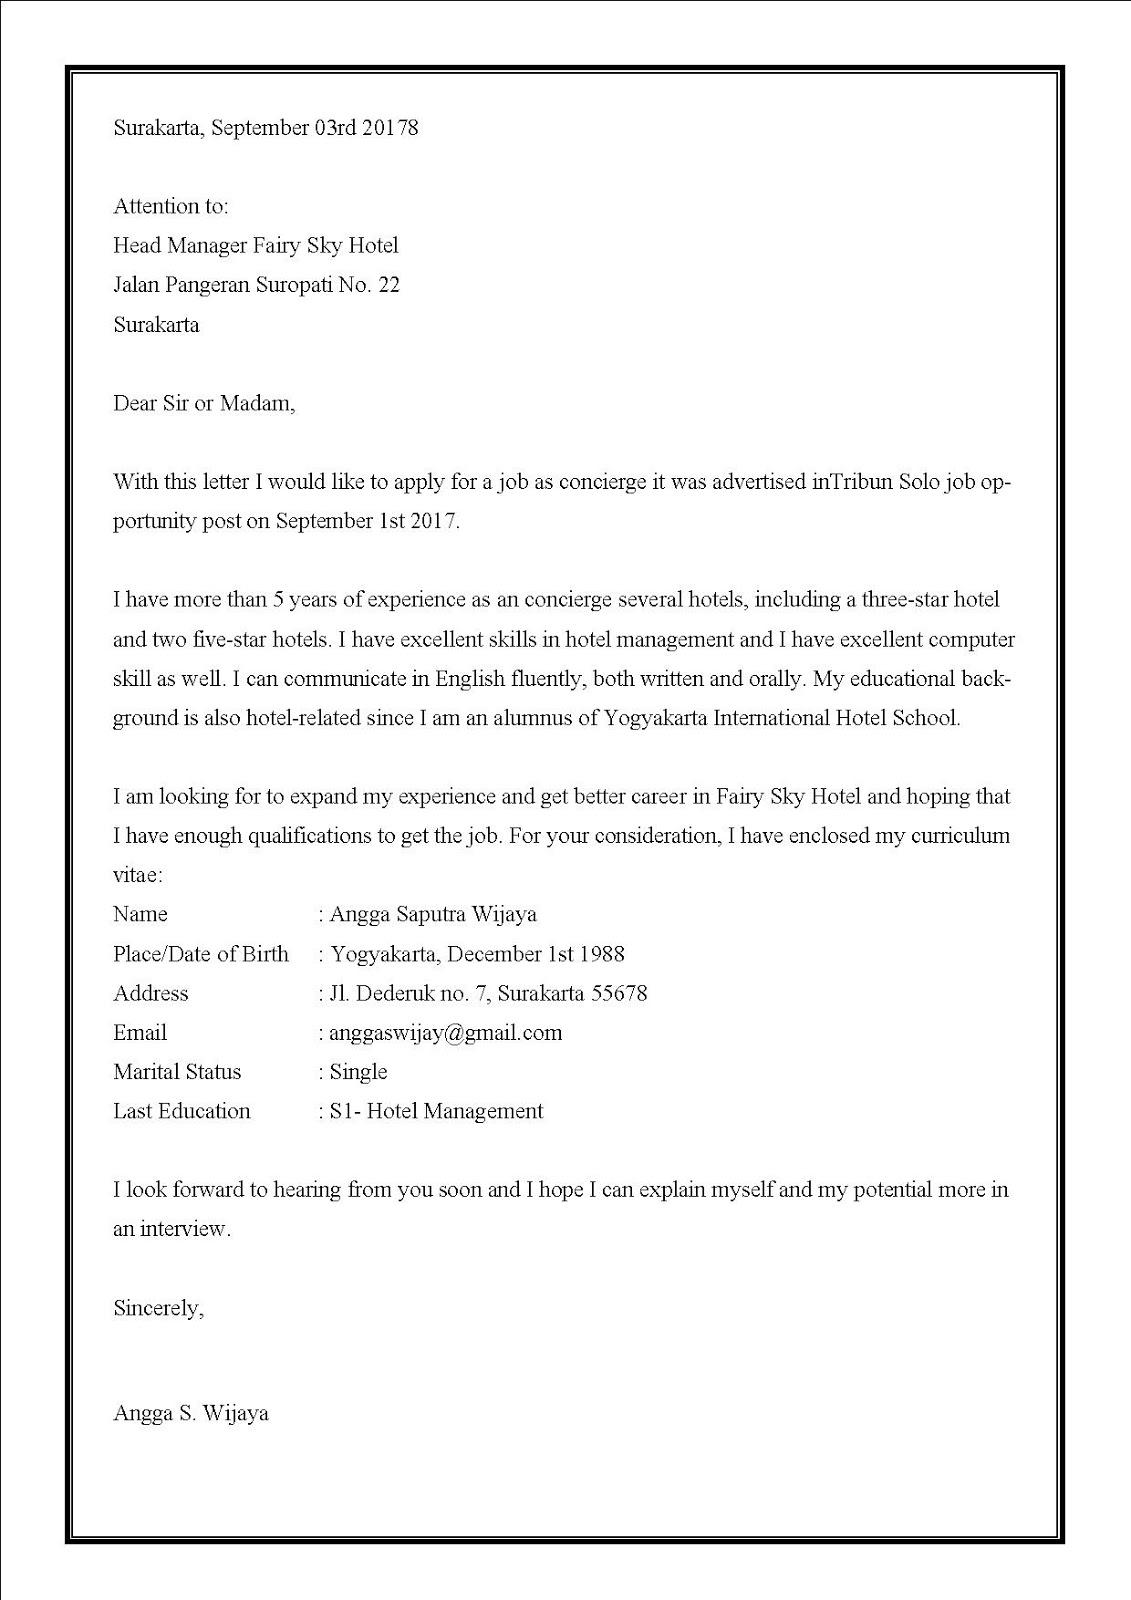 Contoh surat lamaran kerja di hotel untuk bagian concierge dalam bahasa iggris